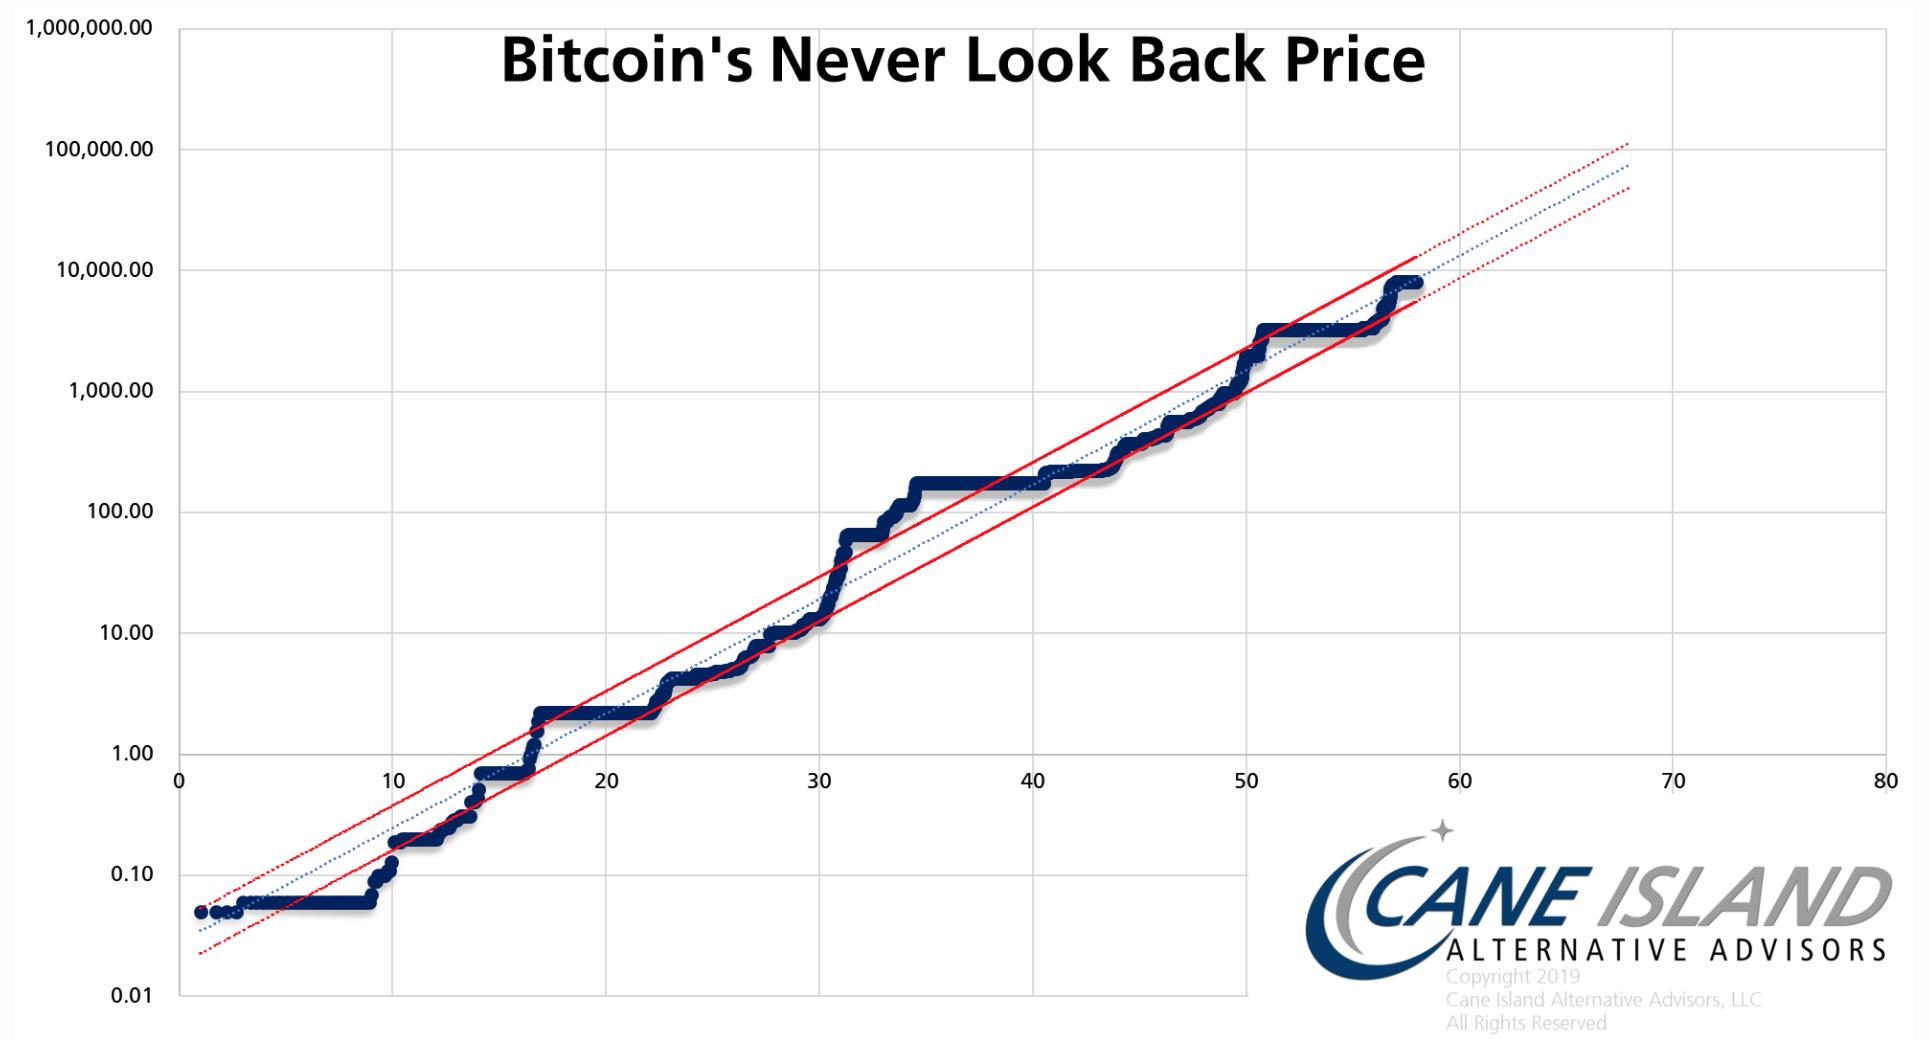 """下一个比特币""""永不回头""""的价格是多少"""